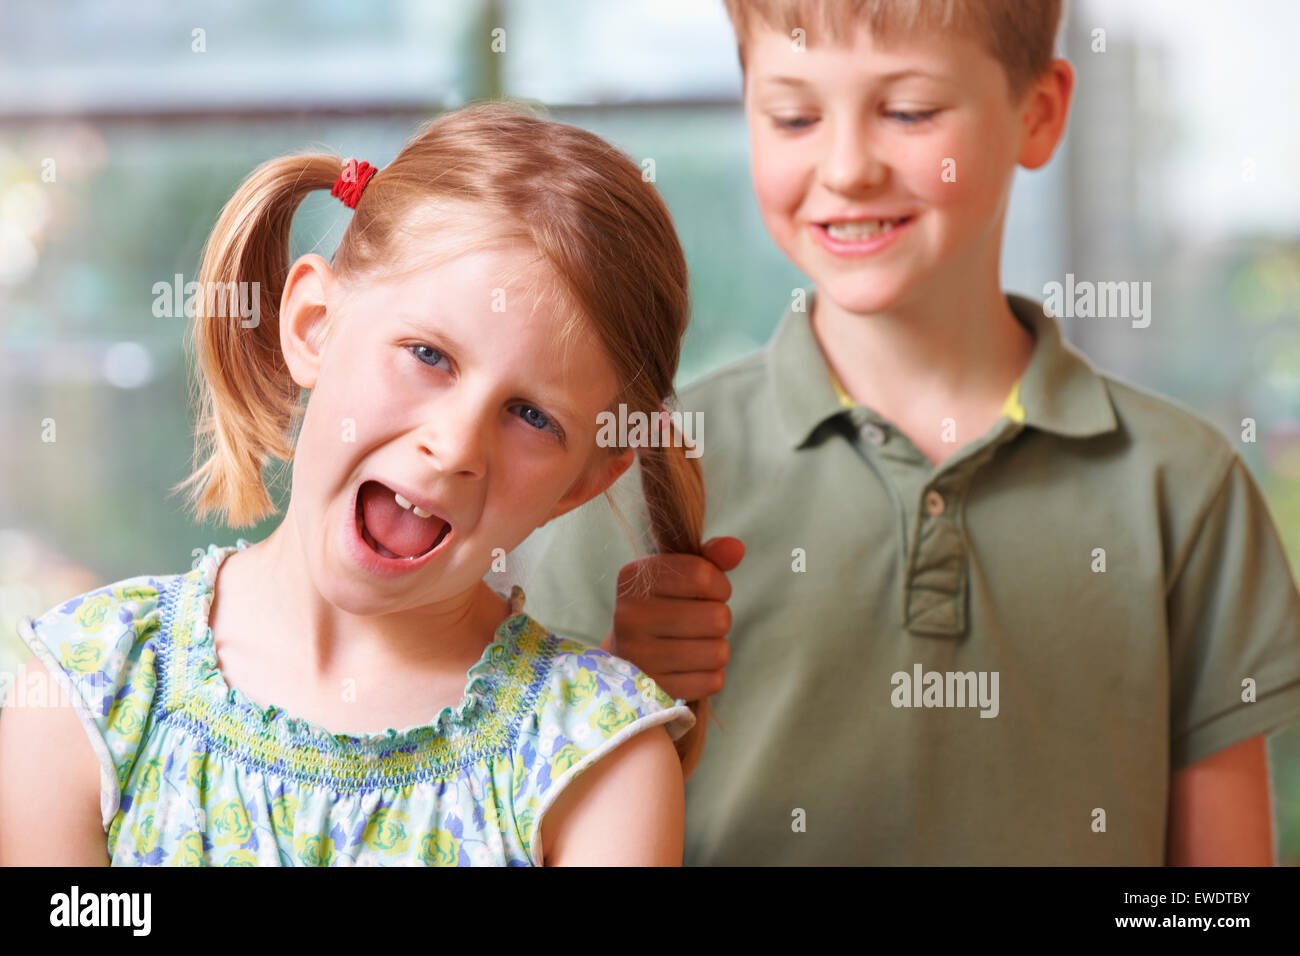 Chico Chica Bullying tirando de Cabello Imagen De Stock